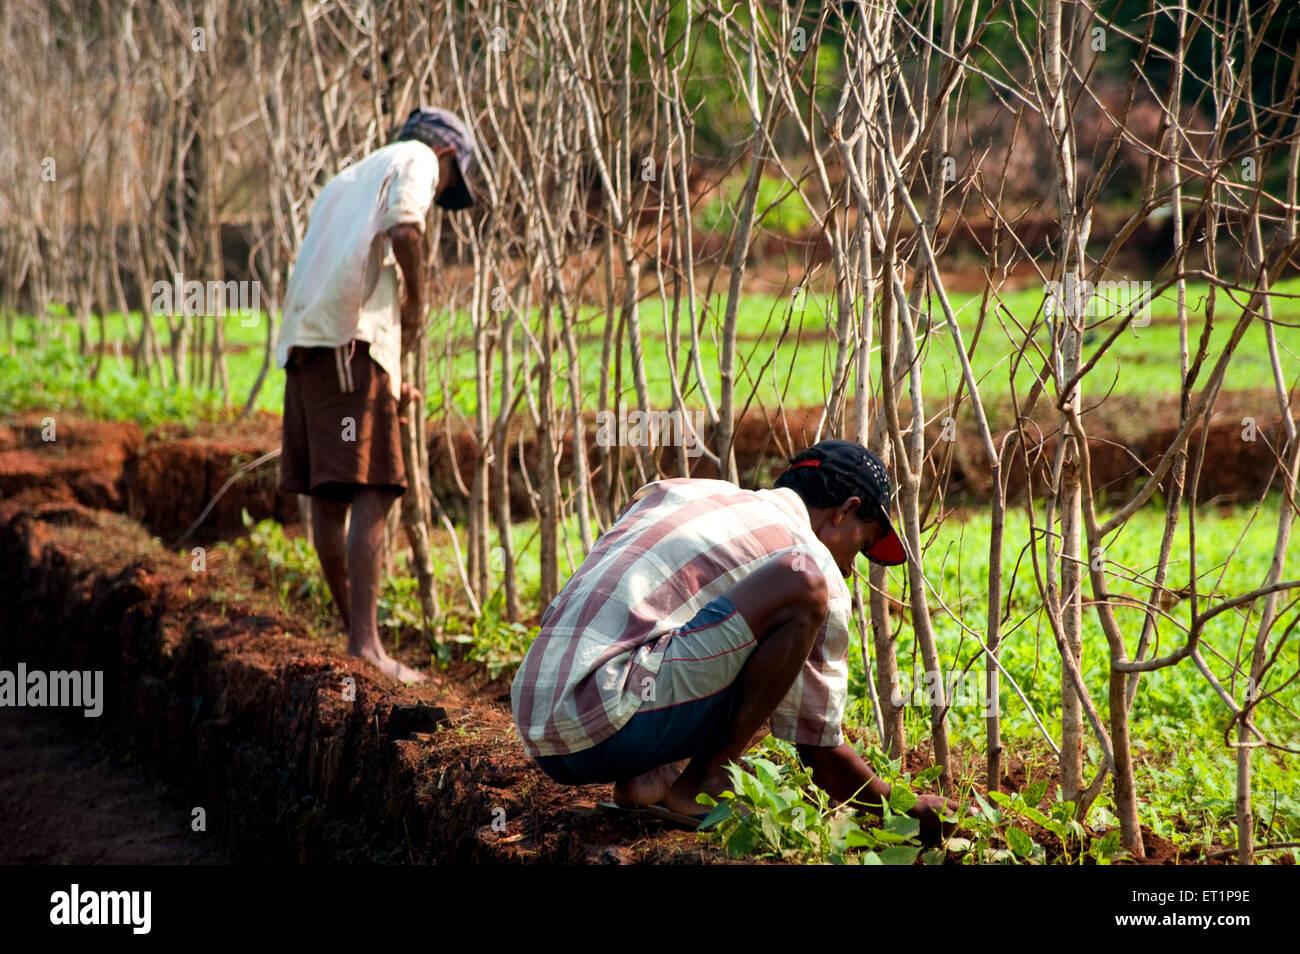 Agricoltore scherma nel villaggio a Lanja ; Ratnagiri ; Maharashtra ; India Immagini Stock